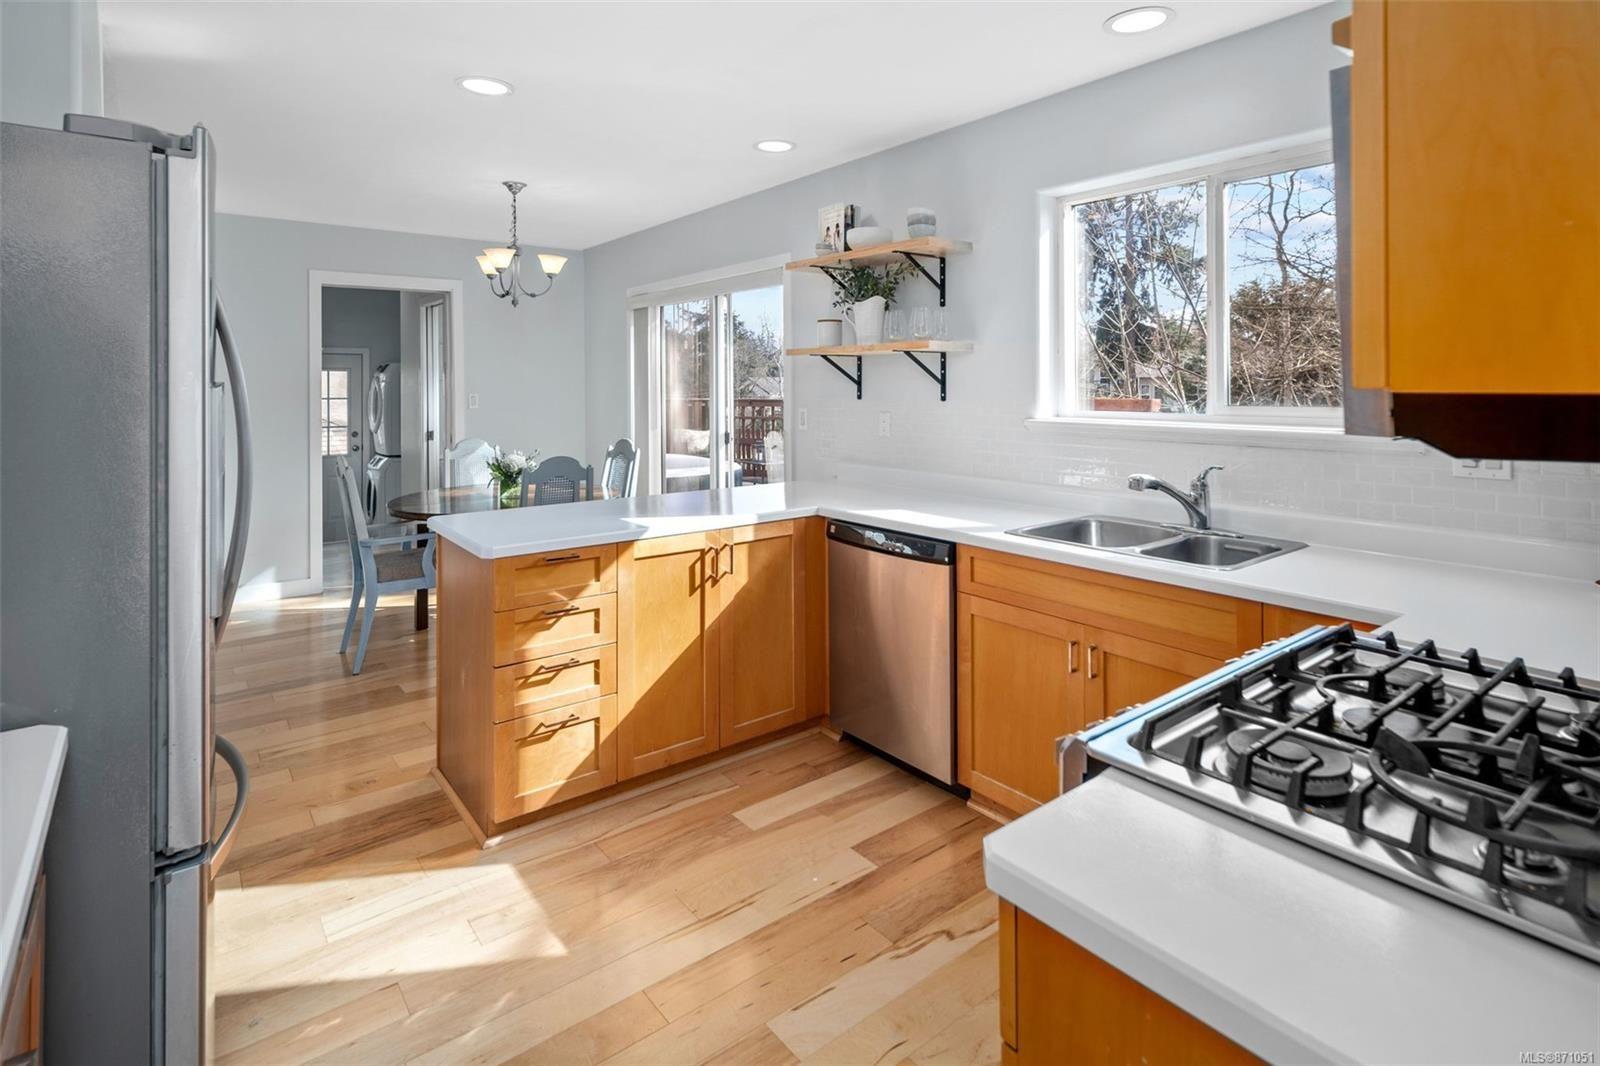 Photo 6: Photos: 521 Selwyn Oaks Pl in : La Mill Hill House for sale (Langford)  : MLS®# 871051